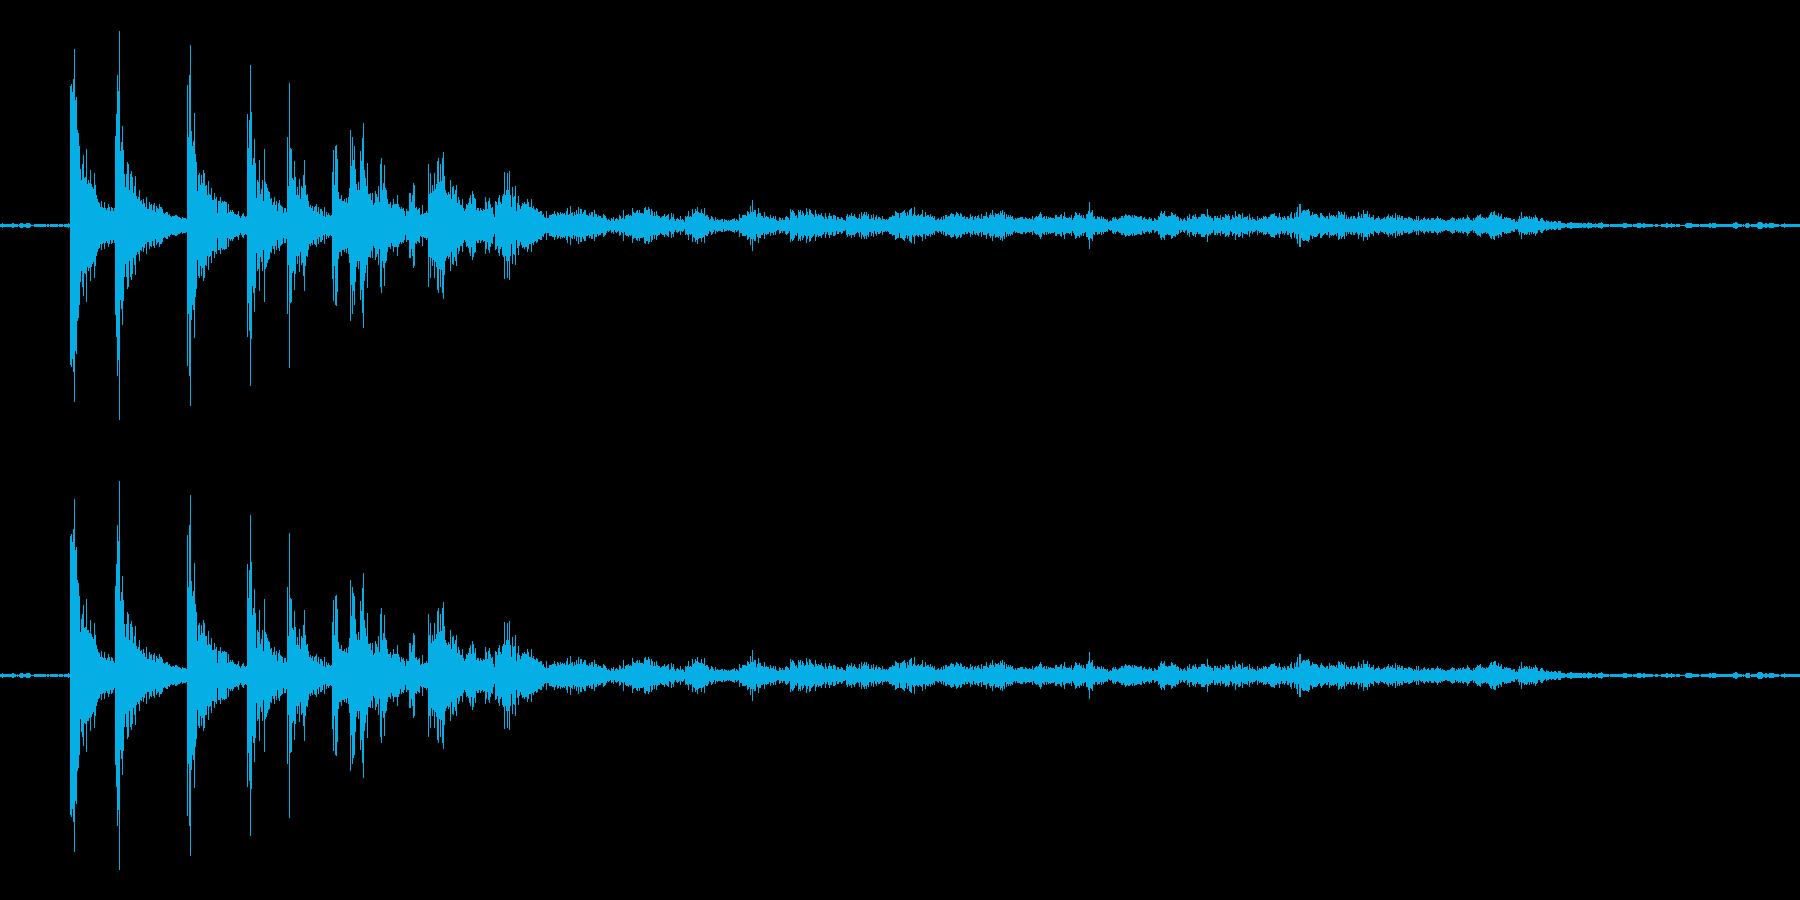 硬貨(100円玉)が転がる音の再生済みの波形